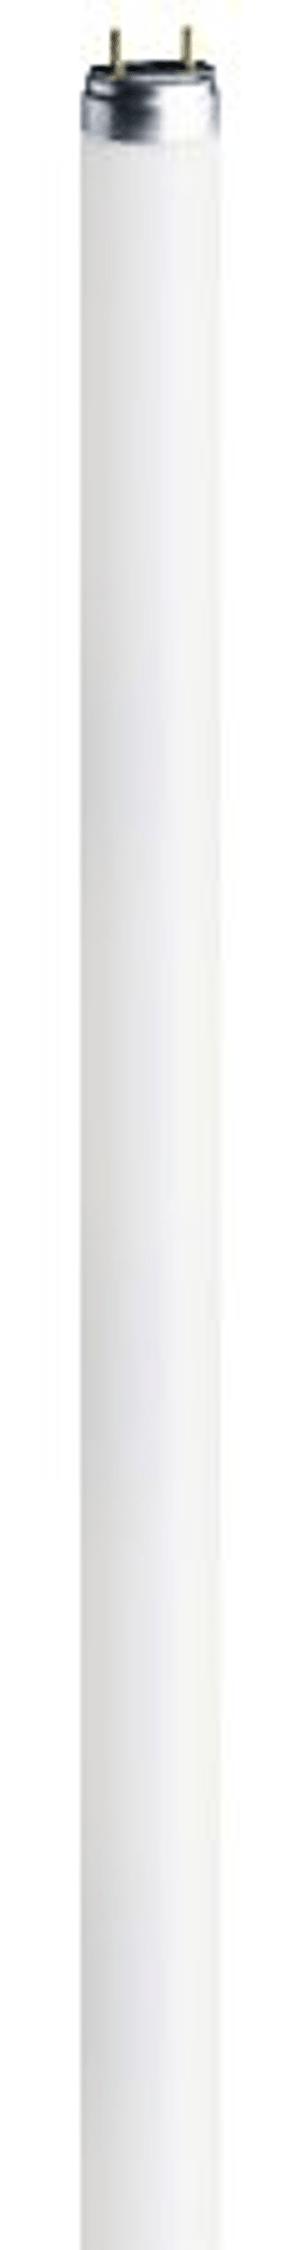 Röhre FL G5 8W 840